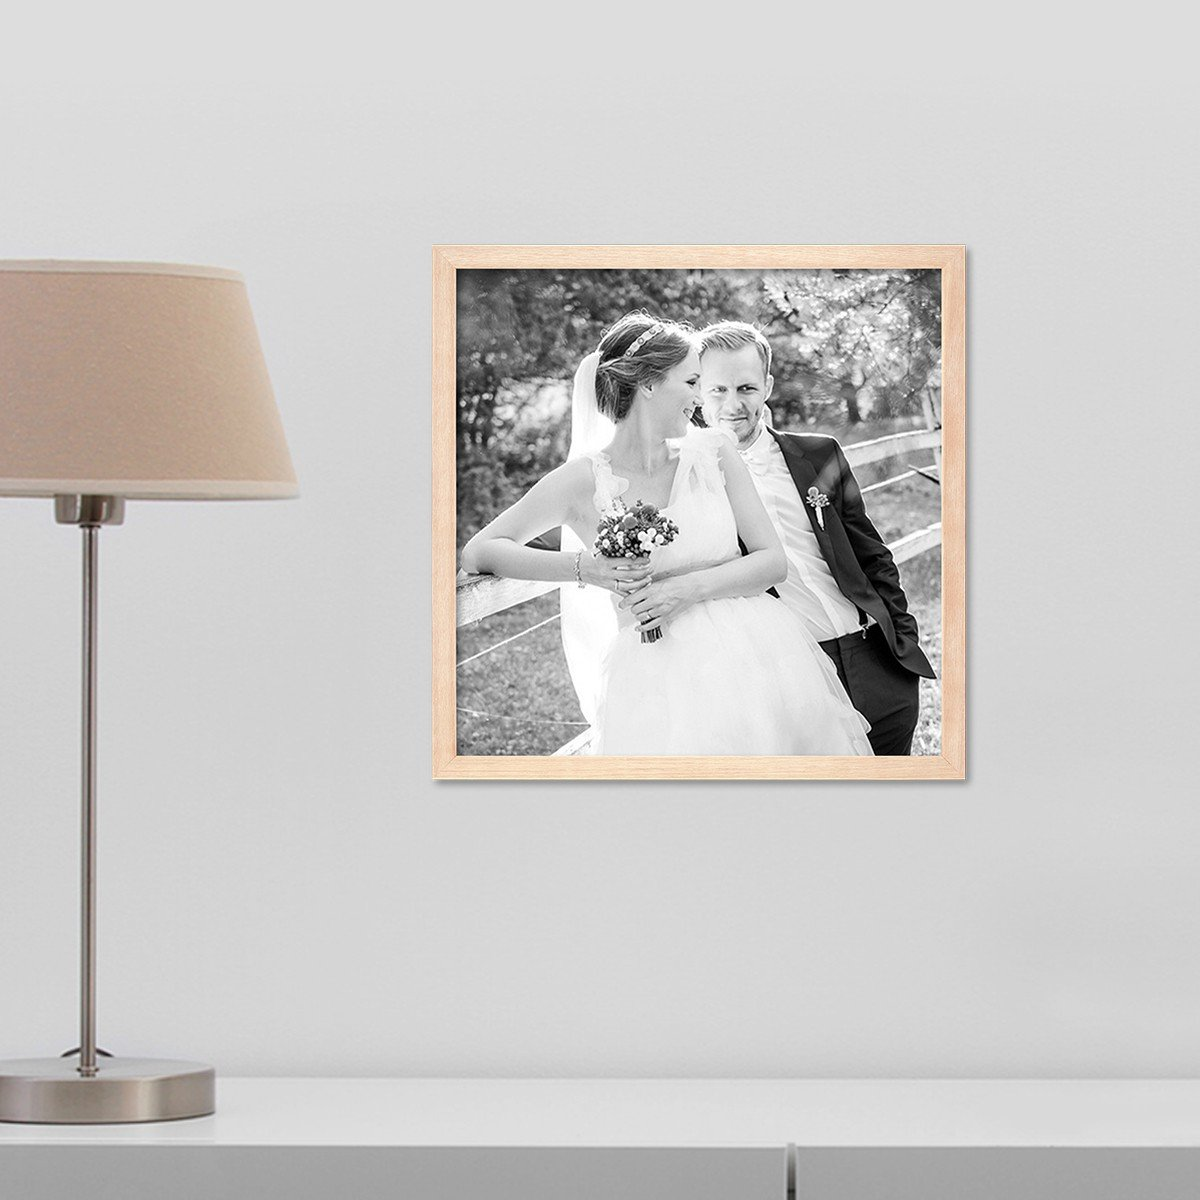 PHOTOLINI Bilderrahmen 40x60 cm Sonoma Eiche Hell Modern Massivholz-Rahmen mit mit mit Glasscheibe inkl. Zubehör Fotorahmen 6304ac